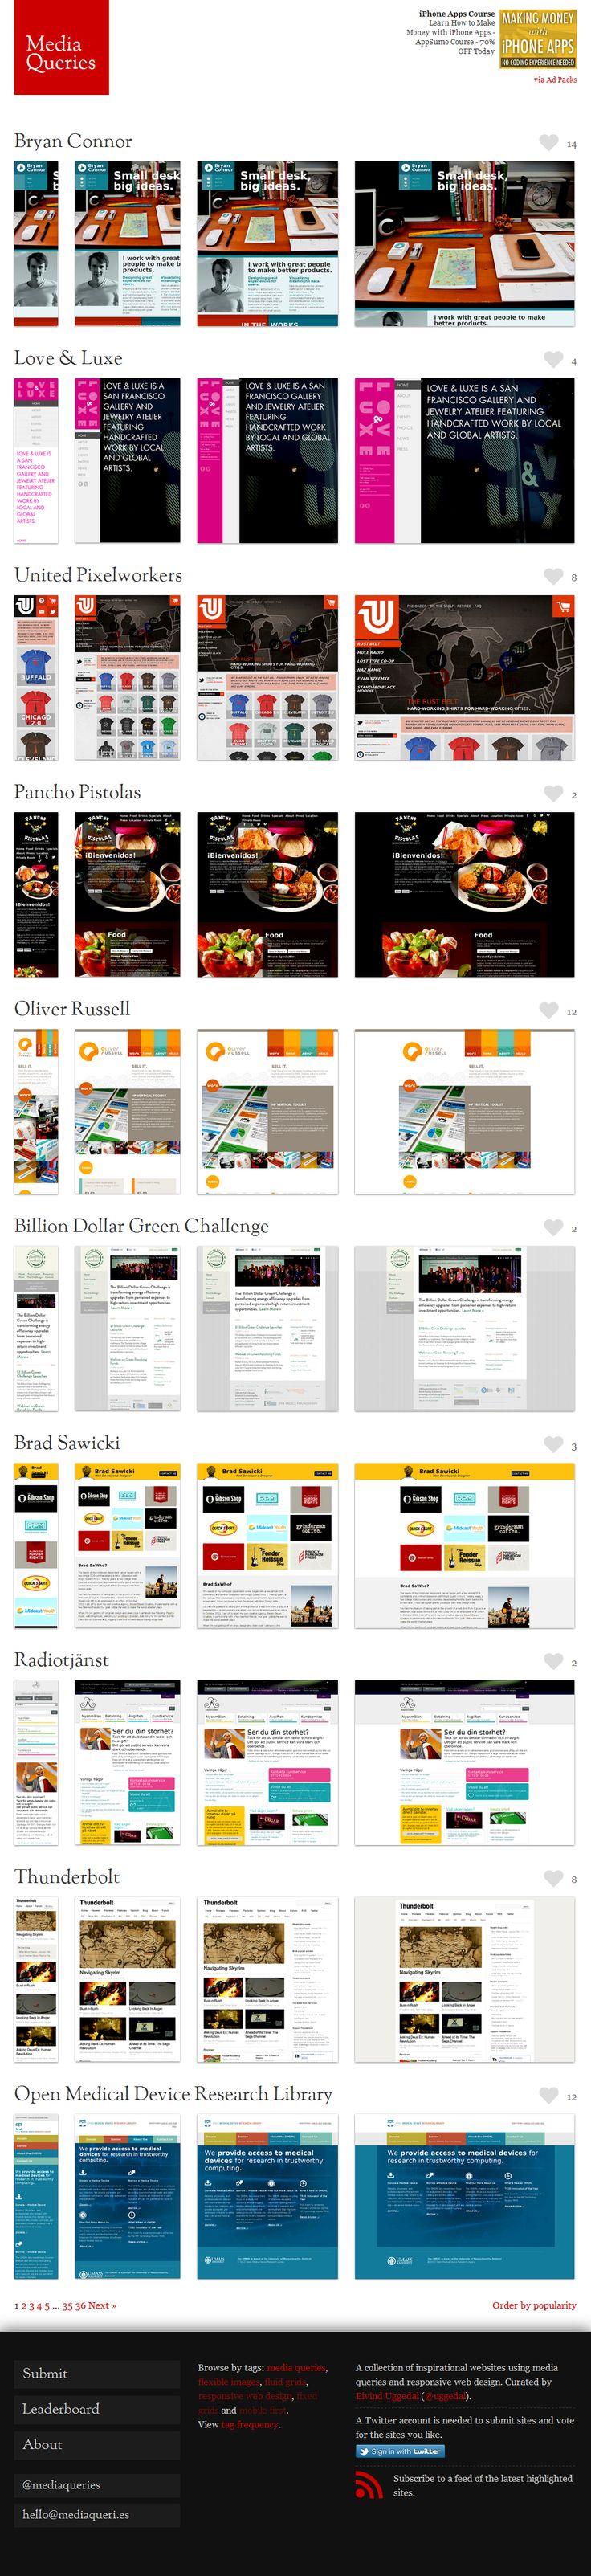 [ Responsive Design ] Mediaqueri.es